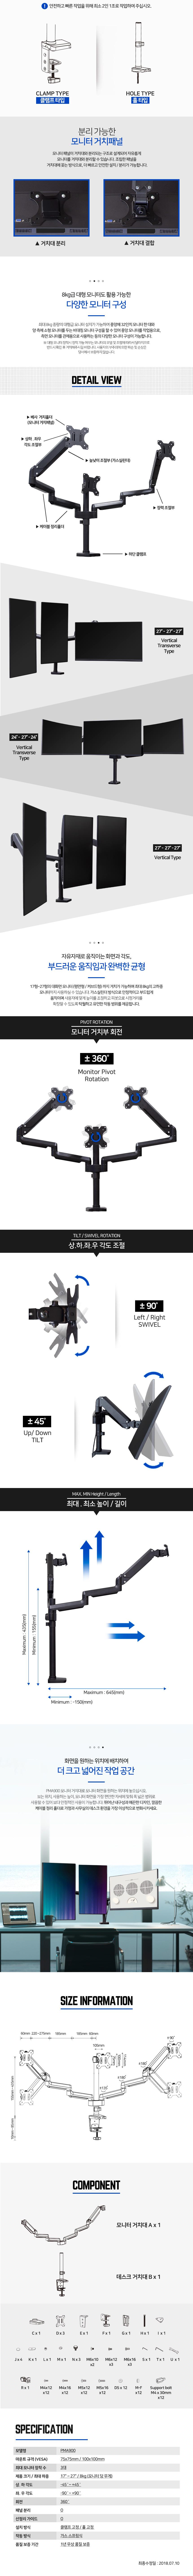 프리플로우 PMA900 가스스프링 트리플 모니터암 거치대